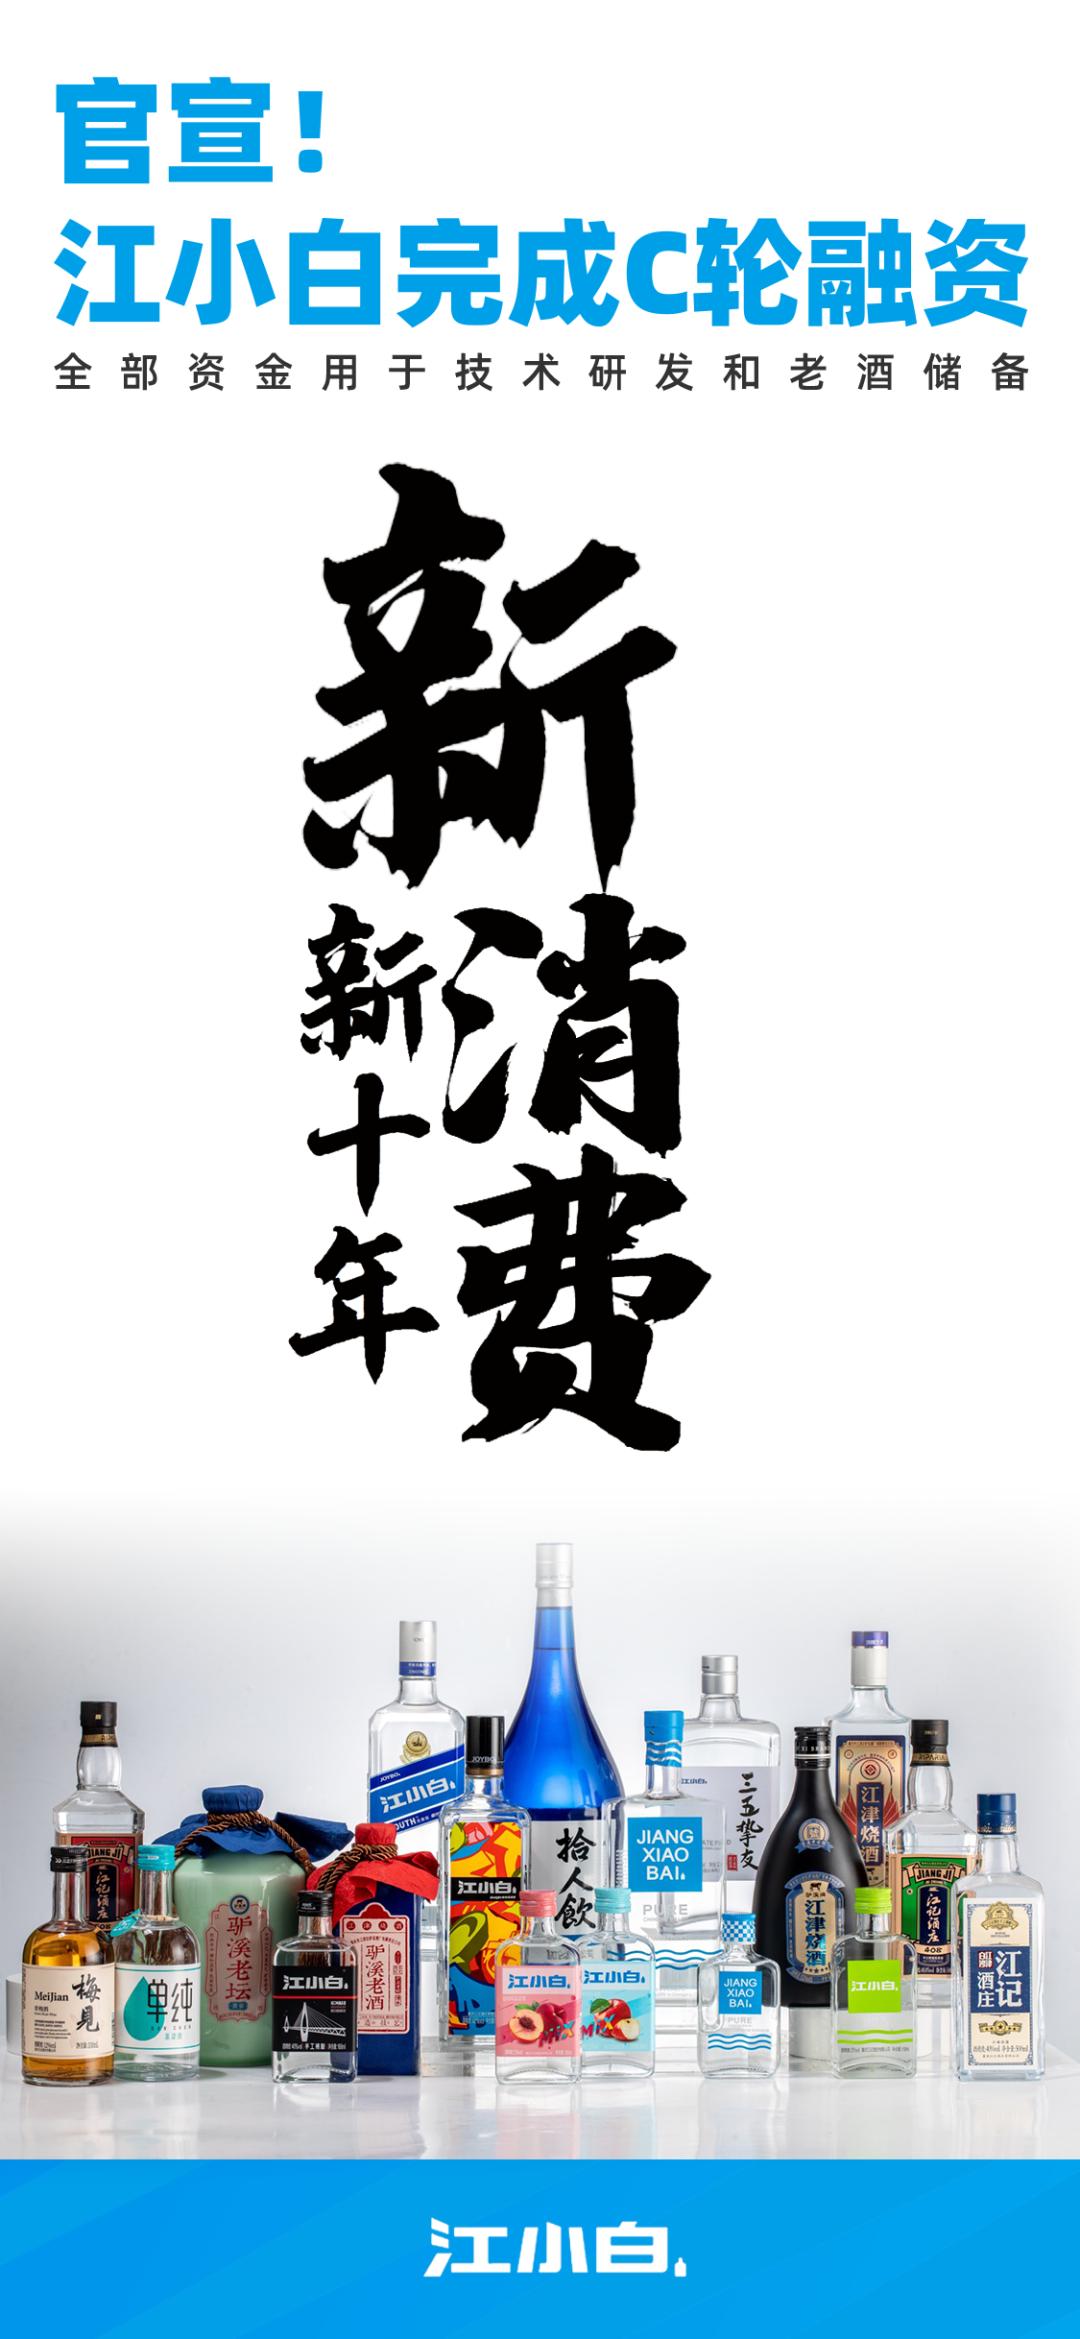 官宣!江小白完成C轮融资,将全部投入到技术研发和老酒储备图片